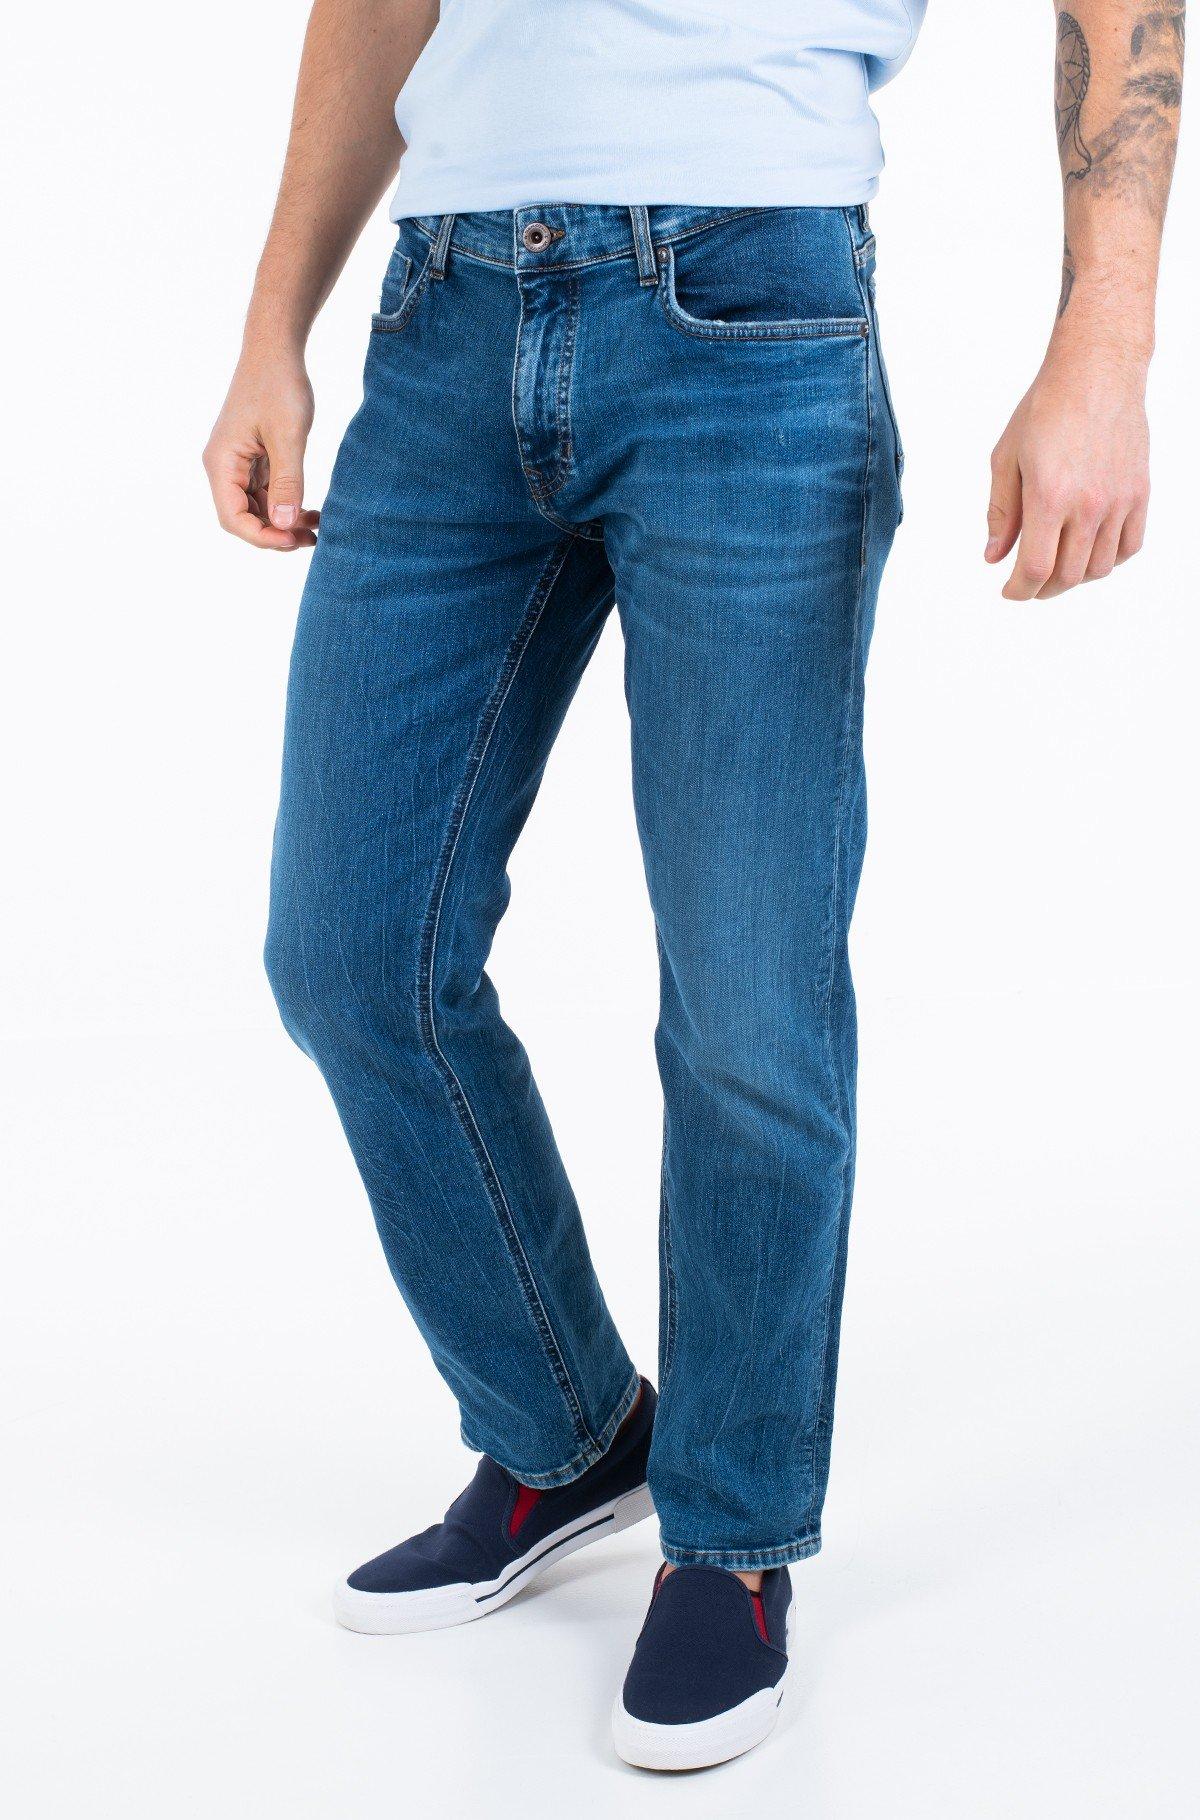 Jeans 021 9213 12140-full-1